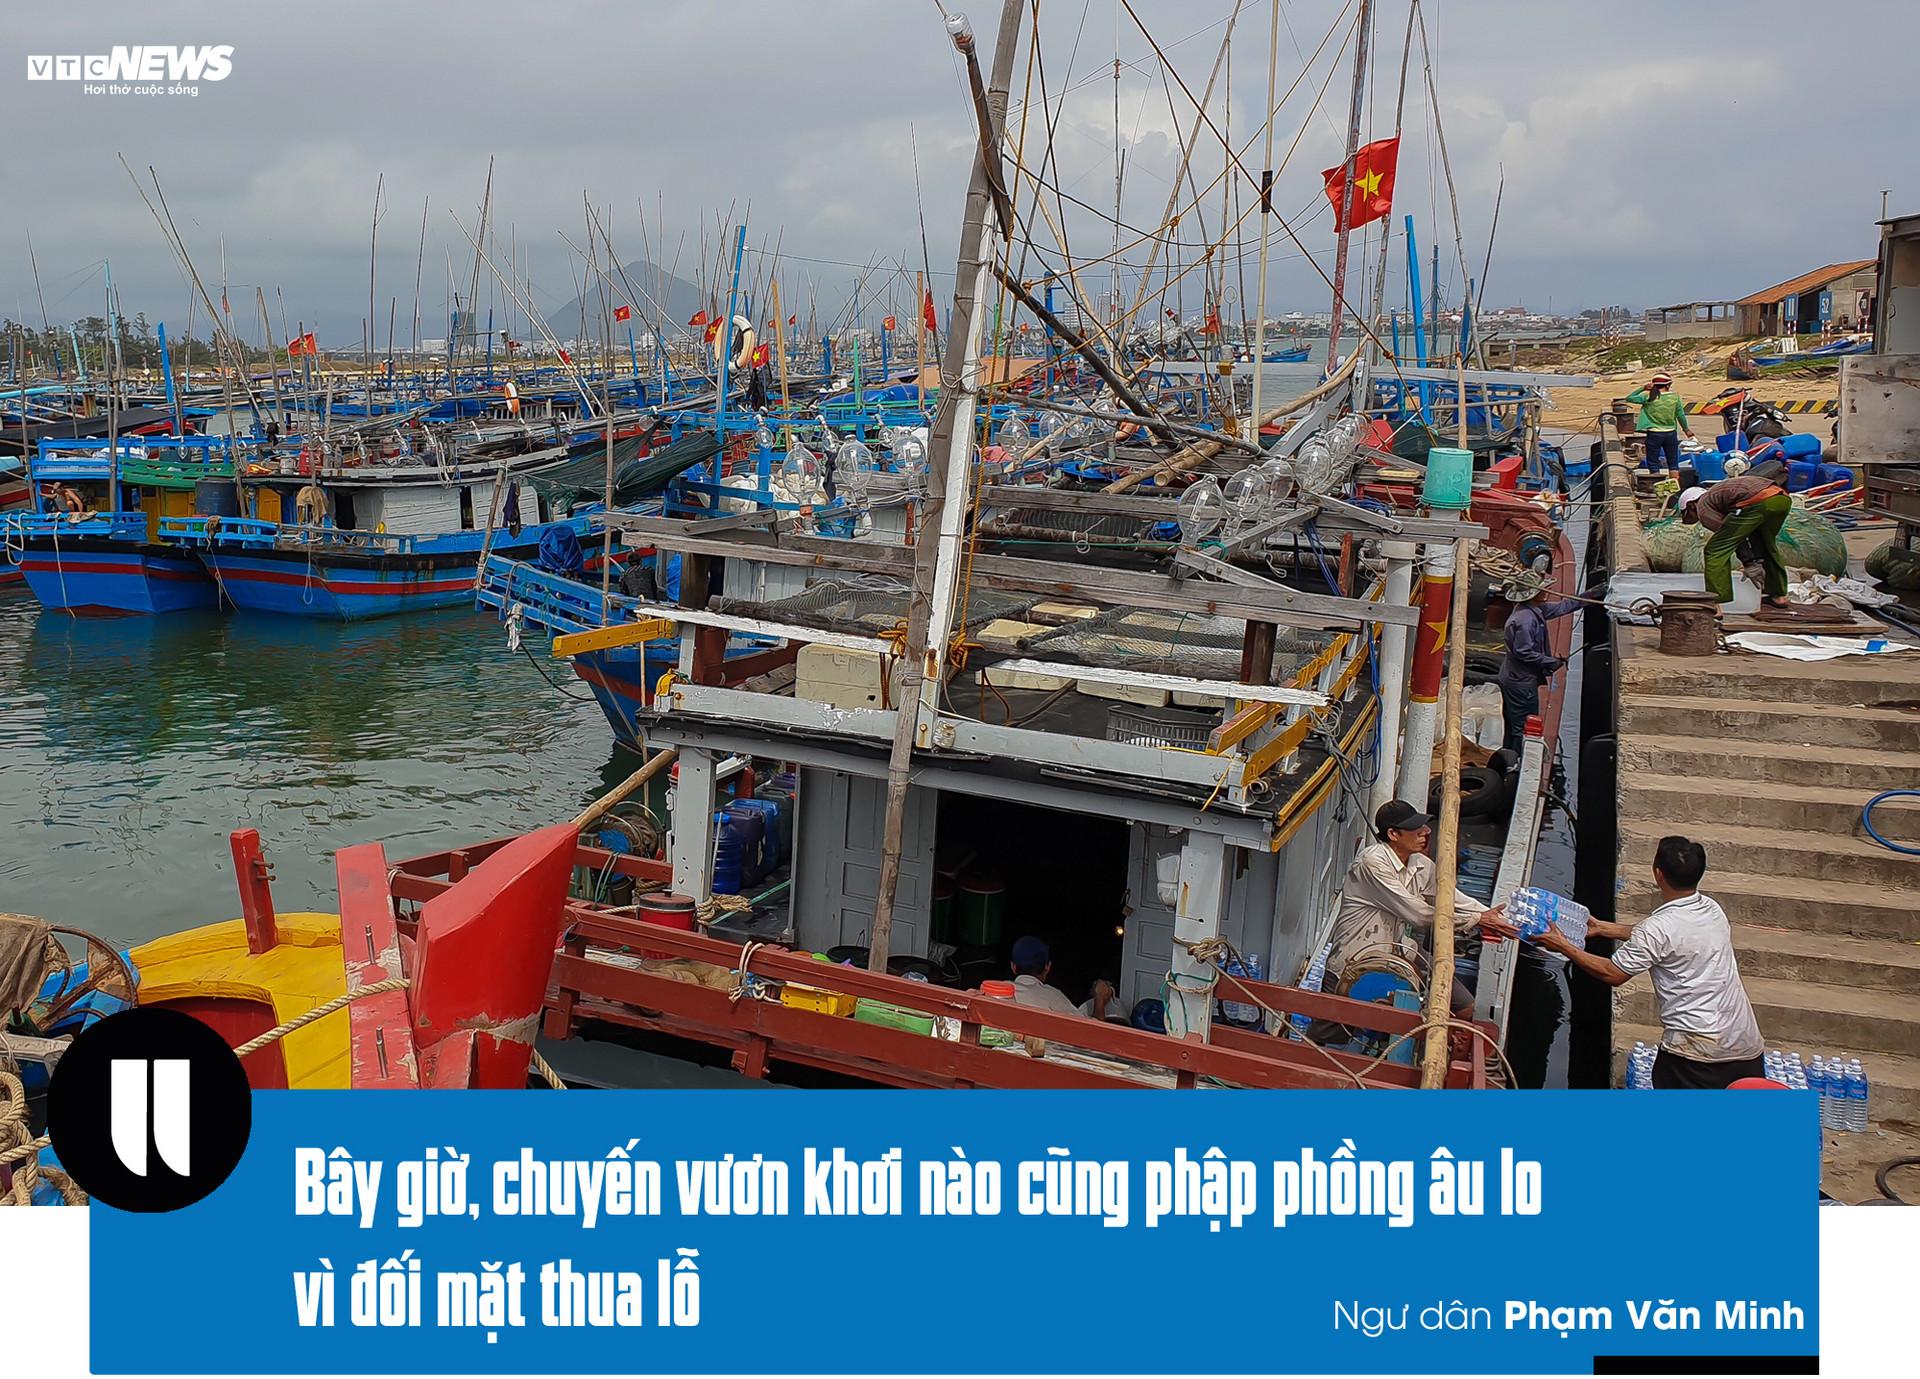 Nỗi buồn của ngư phủ nơi khai sinh nghề câu cá ngừ đại dương ở Việt Nam-4